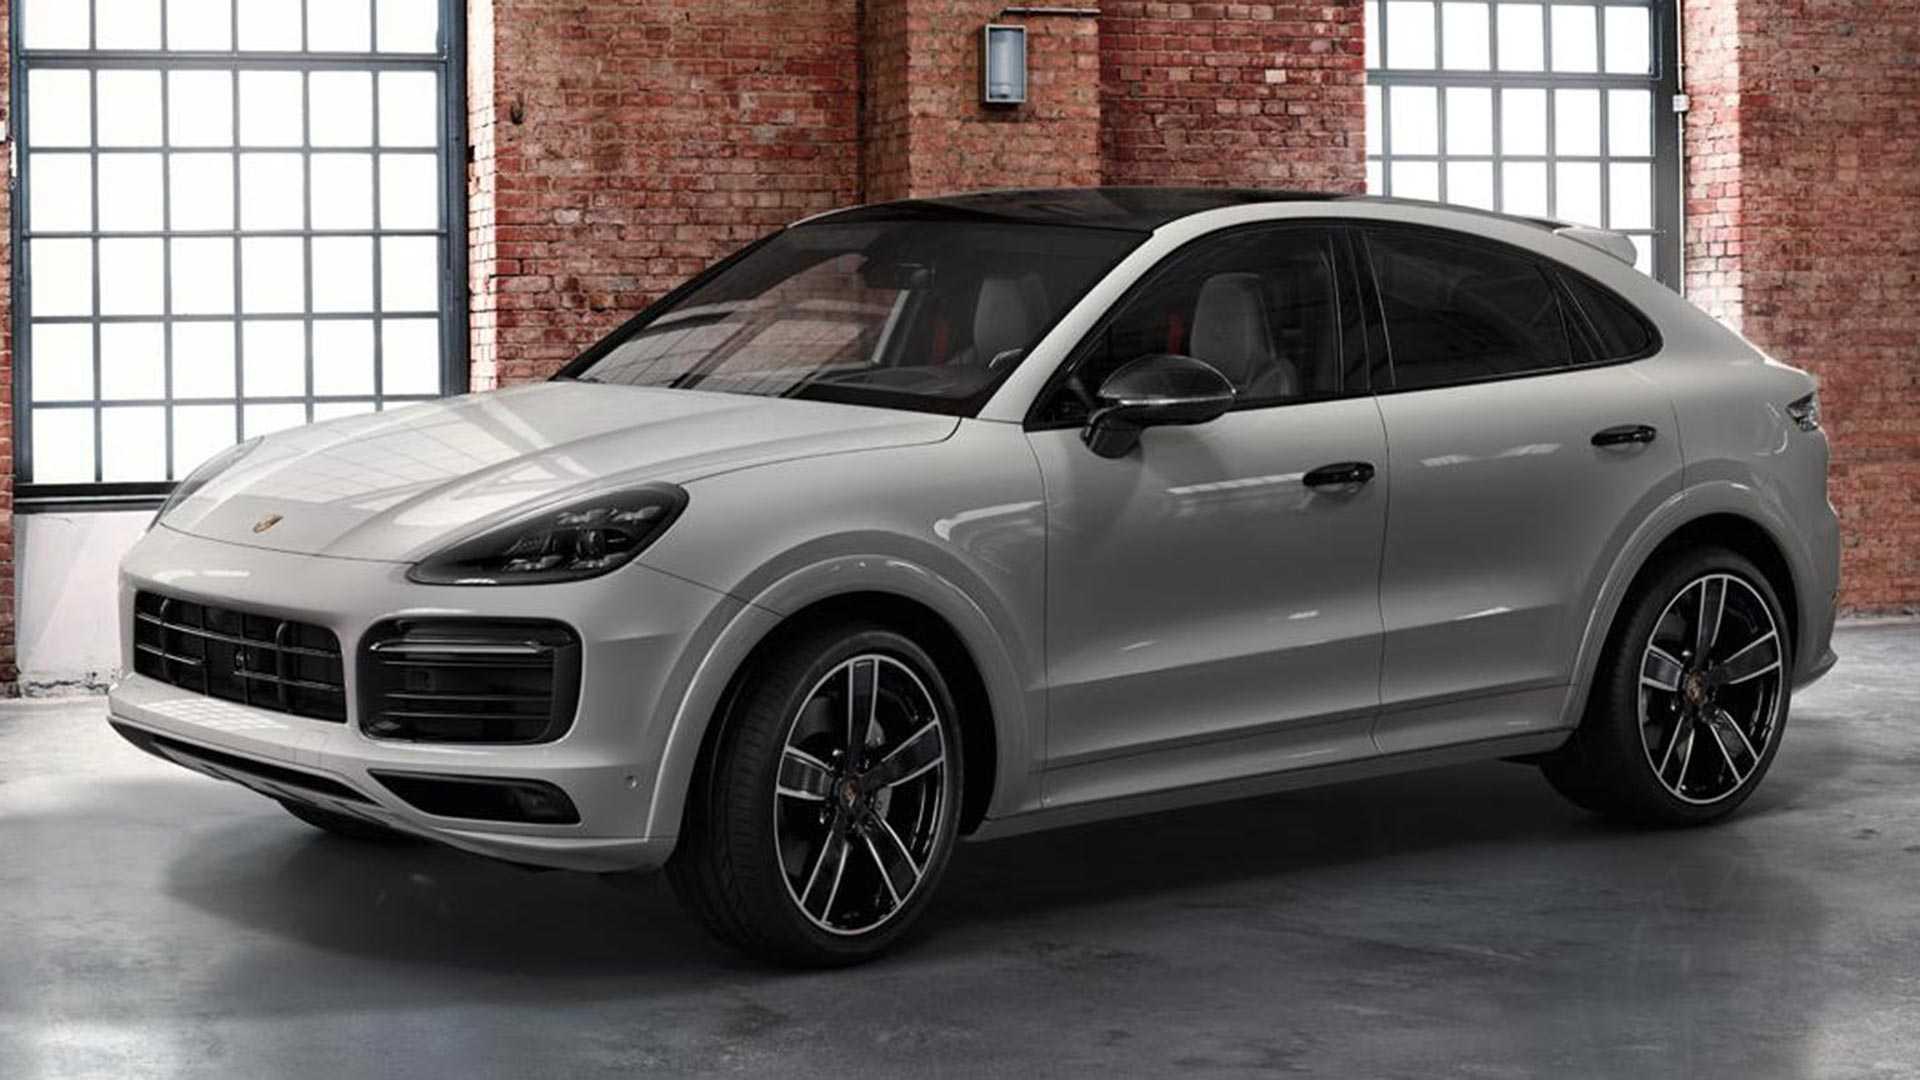 «Придворный» тюнер марки Porsche – Porsche Exclusive Manufactur – показал свое видение купеобразного внедорожника Cayenne